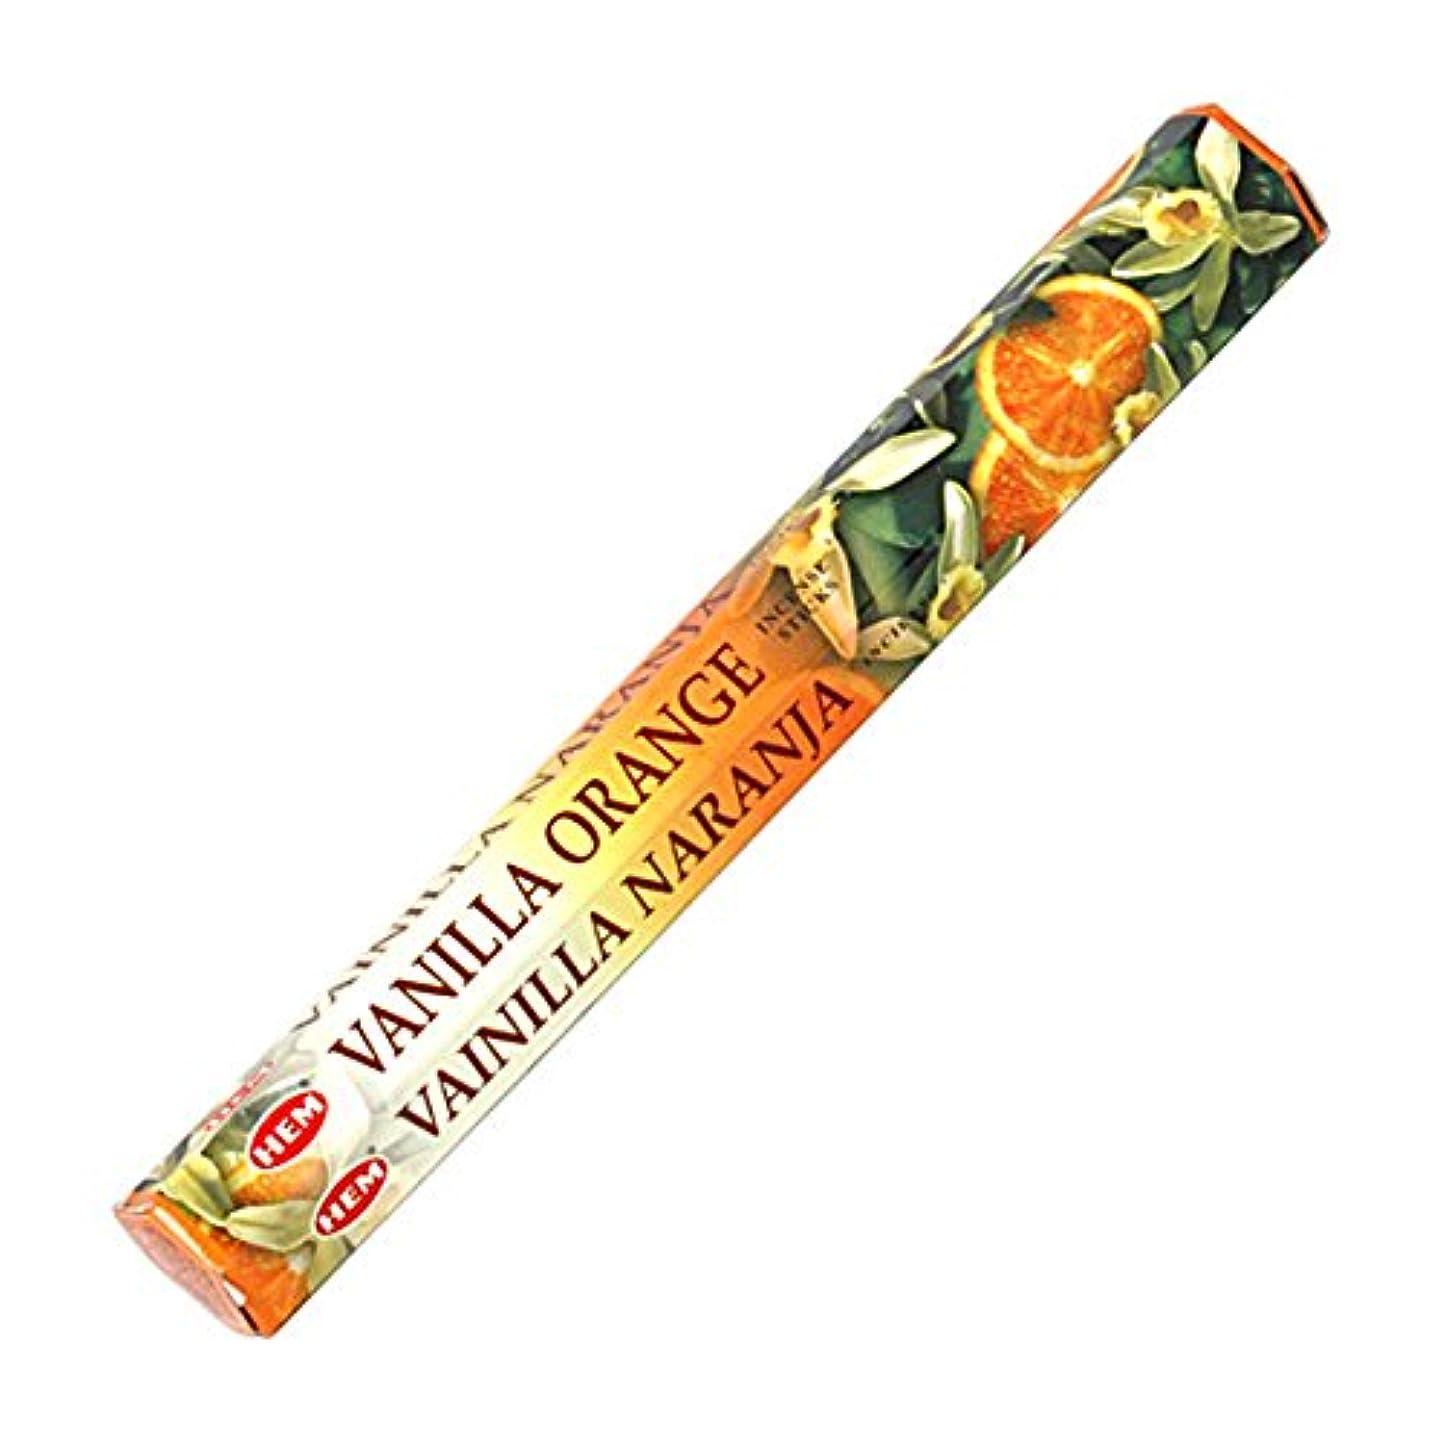 容赦ない五見物人HEM(ヘム) バニラオレンジ VANILLA ORANGE スティックタイプ お香 1筒 単品 [並行輸入品]